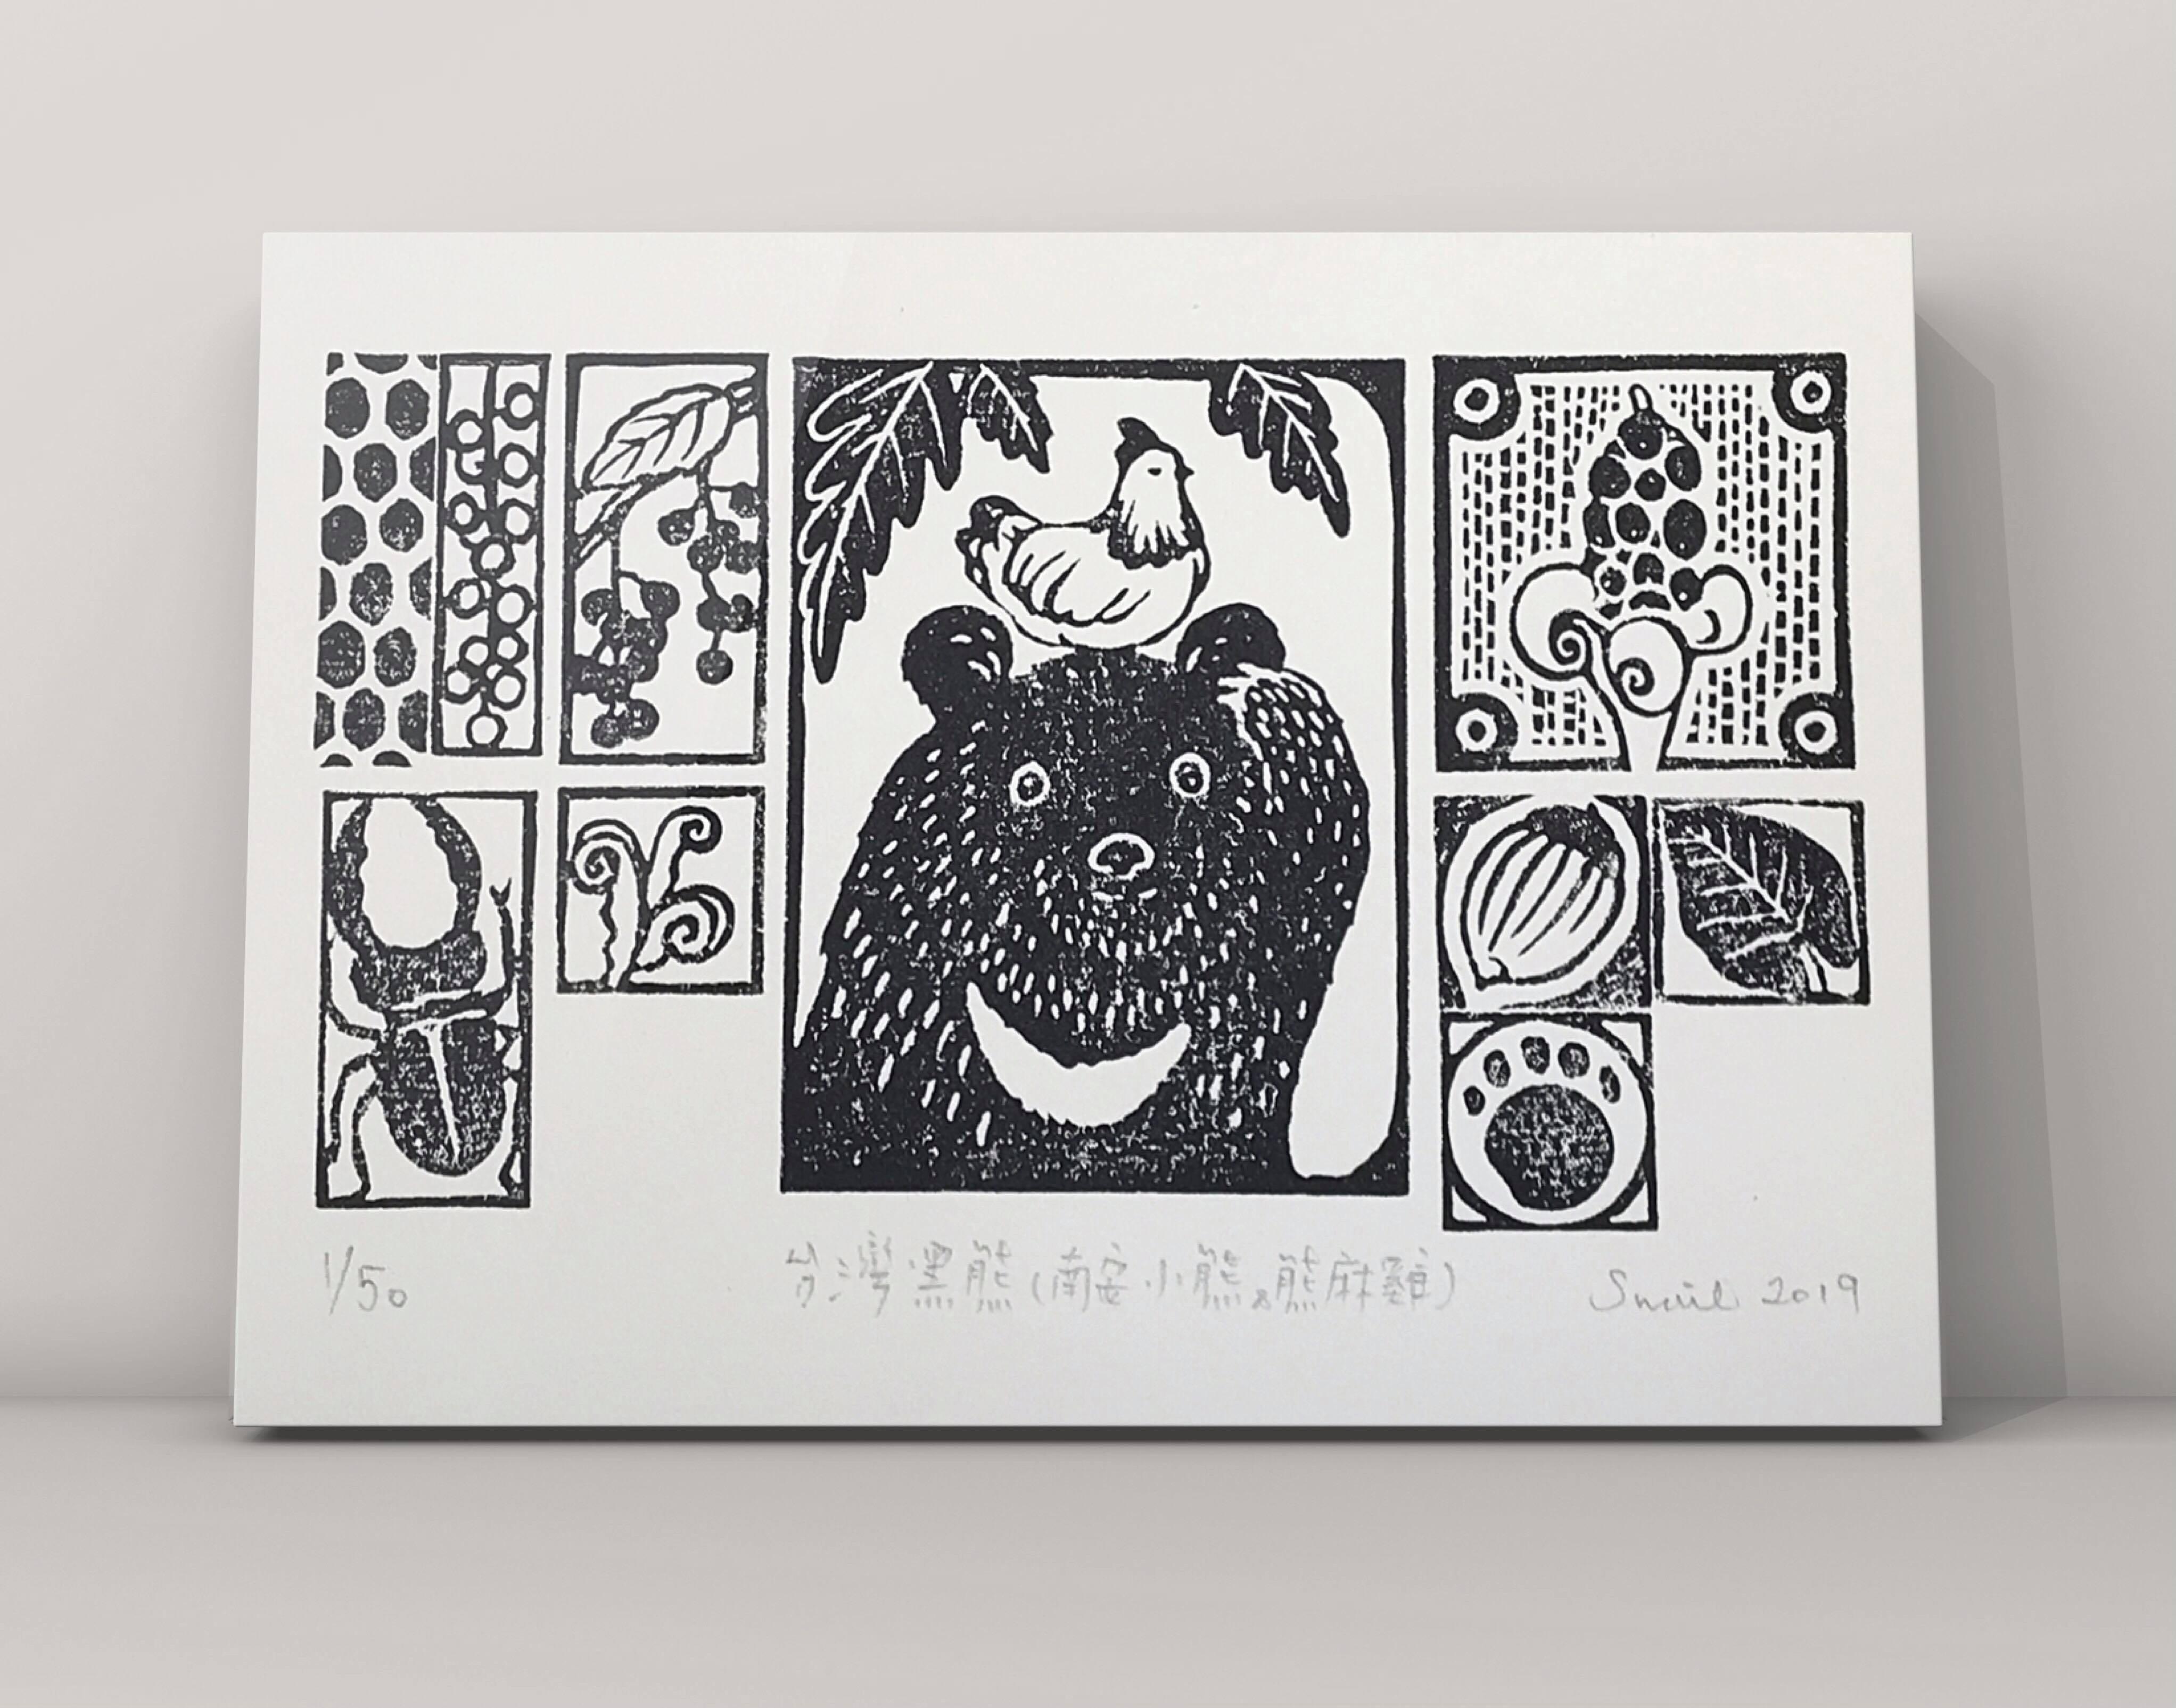 動物同樂繪-Snail創作展 - 咖啡鳥café 8-9月活動訊息